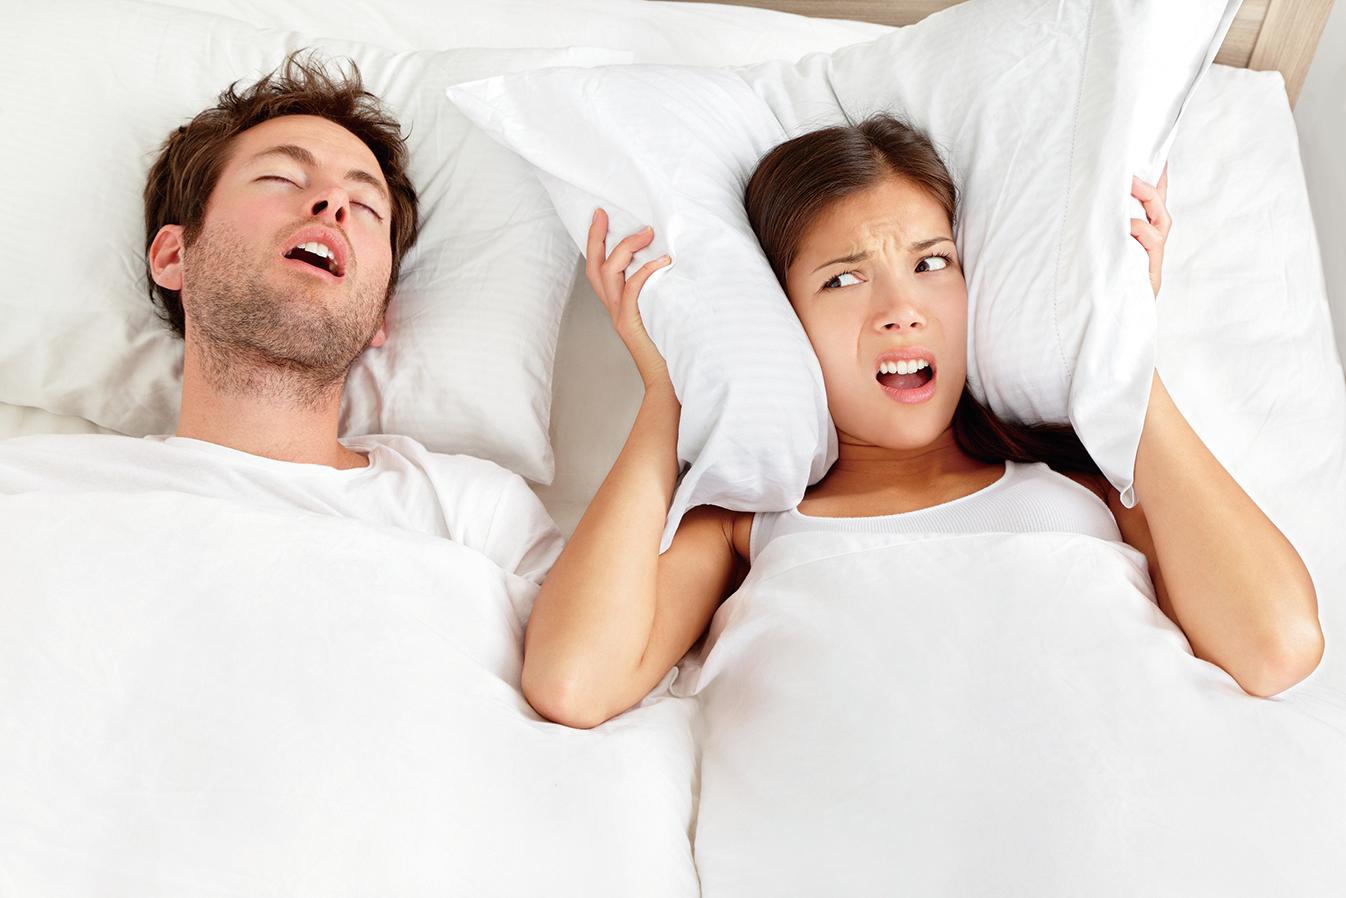 打呼是熟睡? 醫師:恐是呼吸中止症